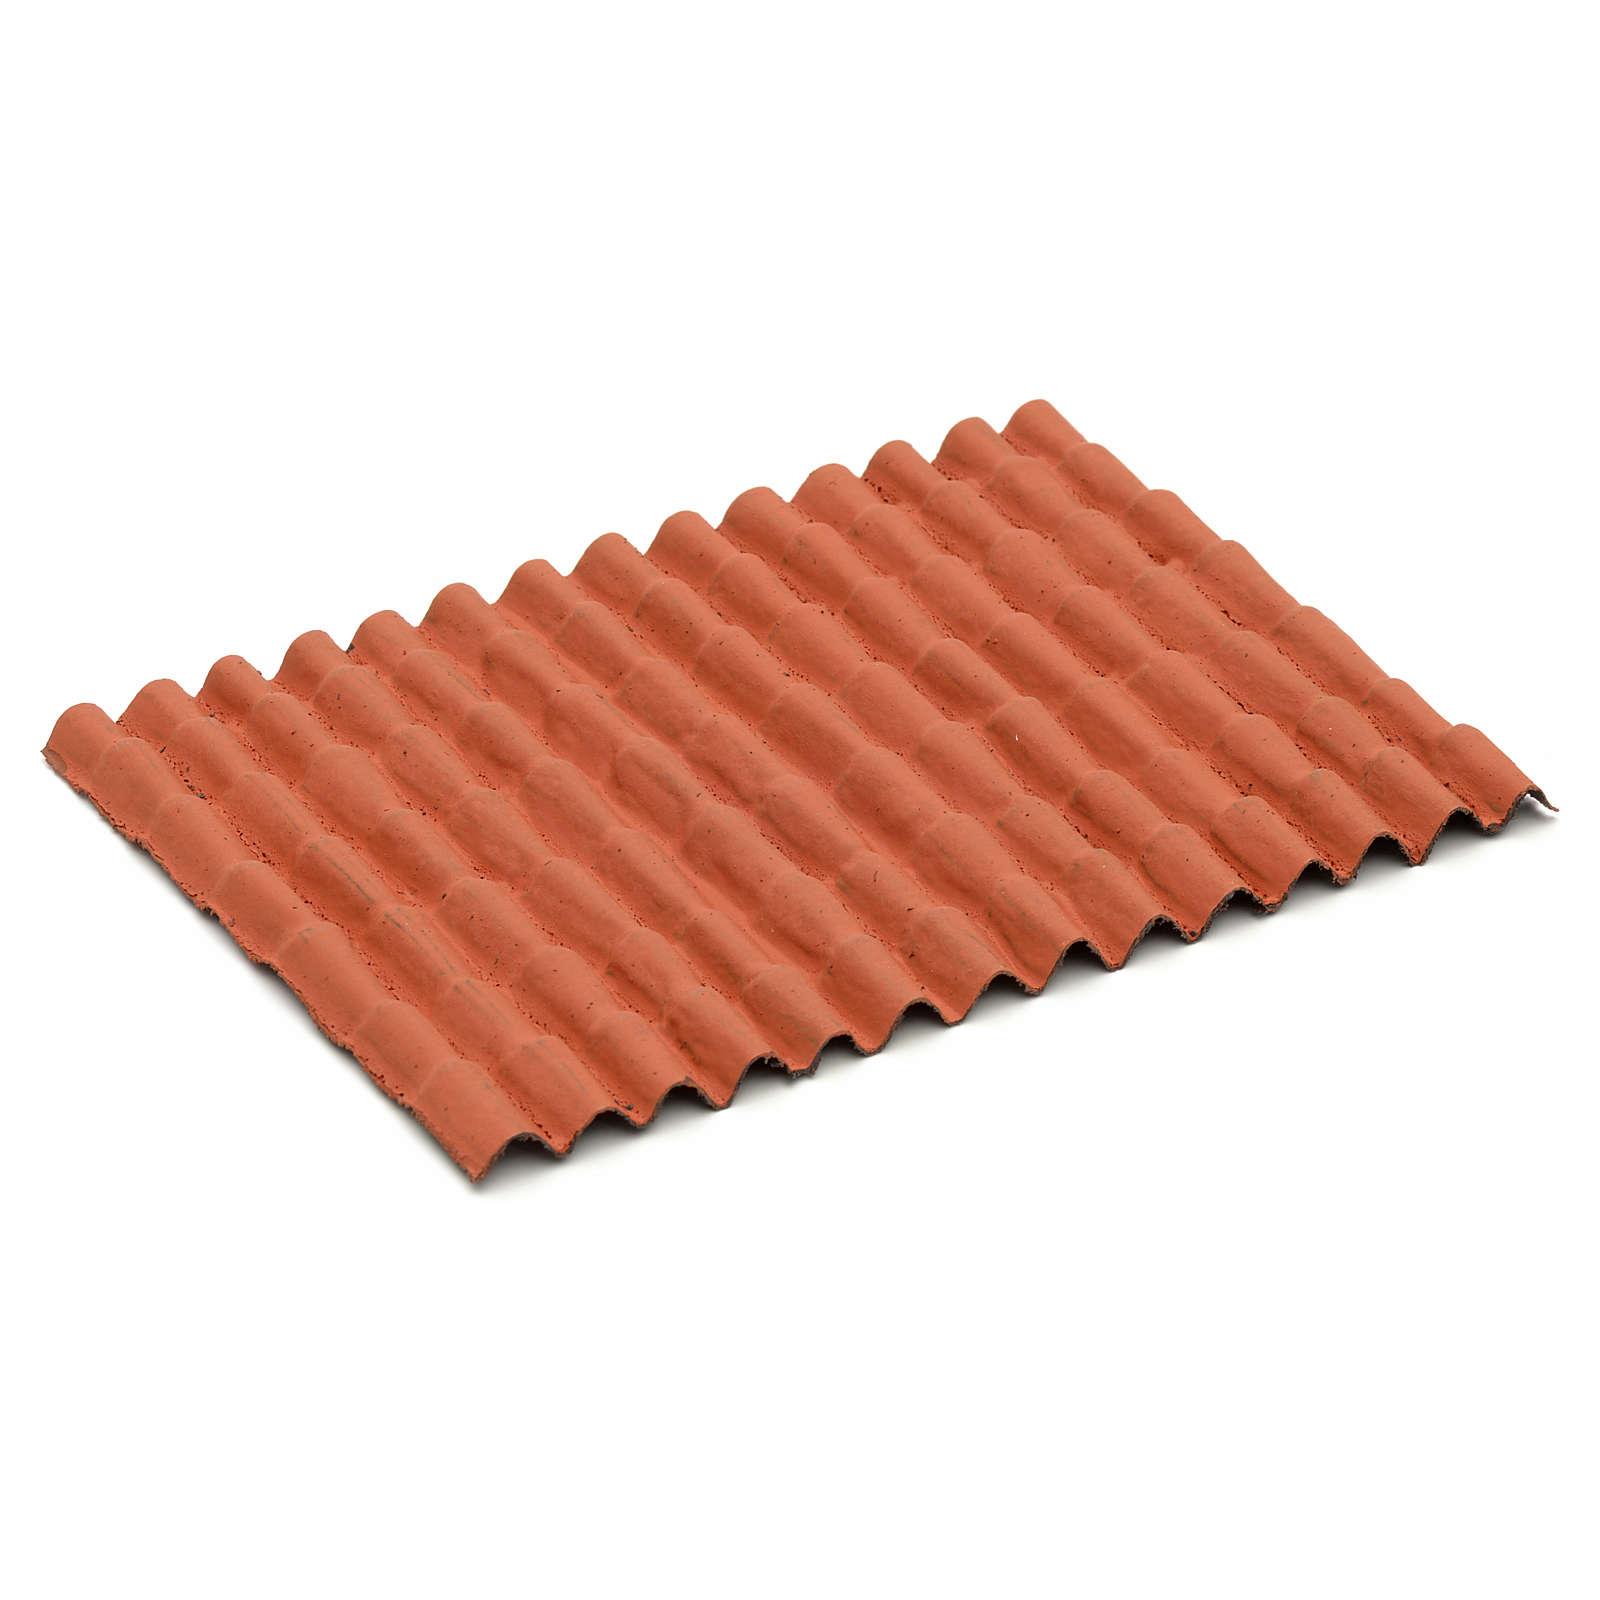 Tetto casa presepe: pannello tegole rosse 12,5x9 cm 4